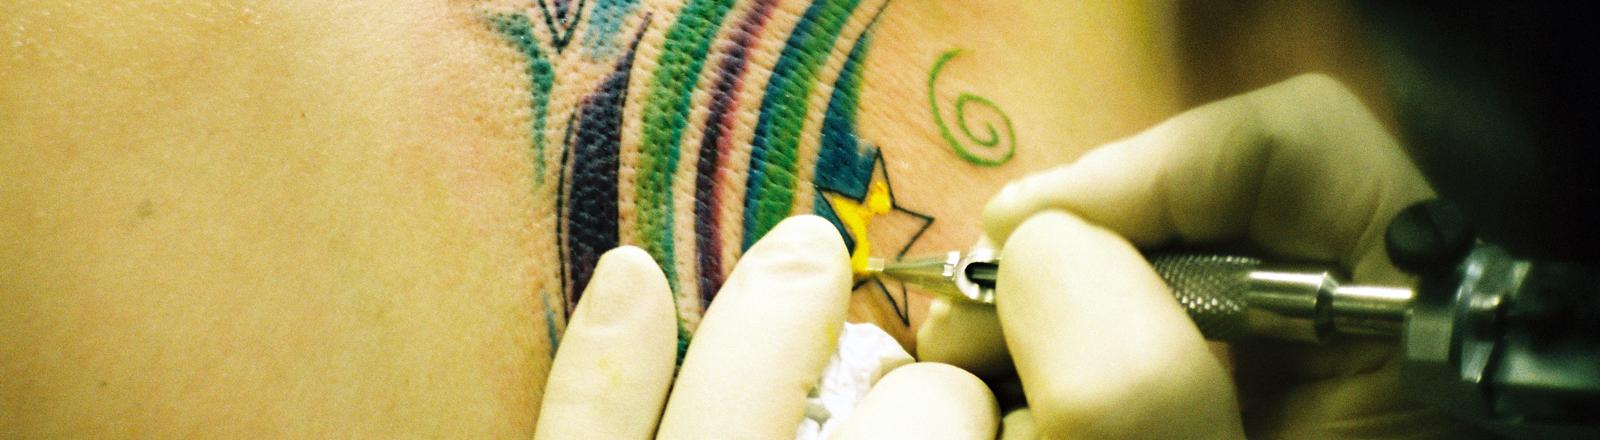 Tätowierer beim Stechen eines Sterns.